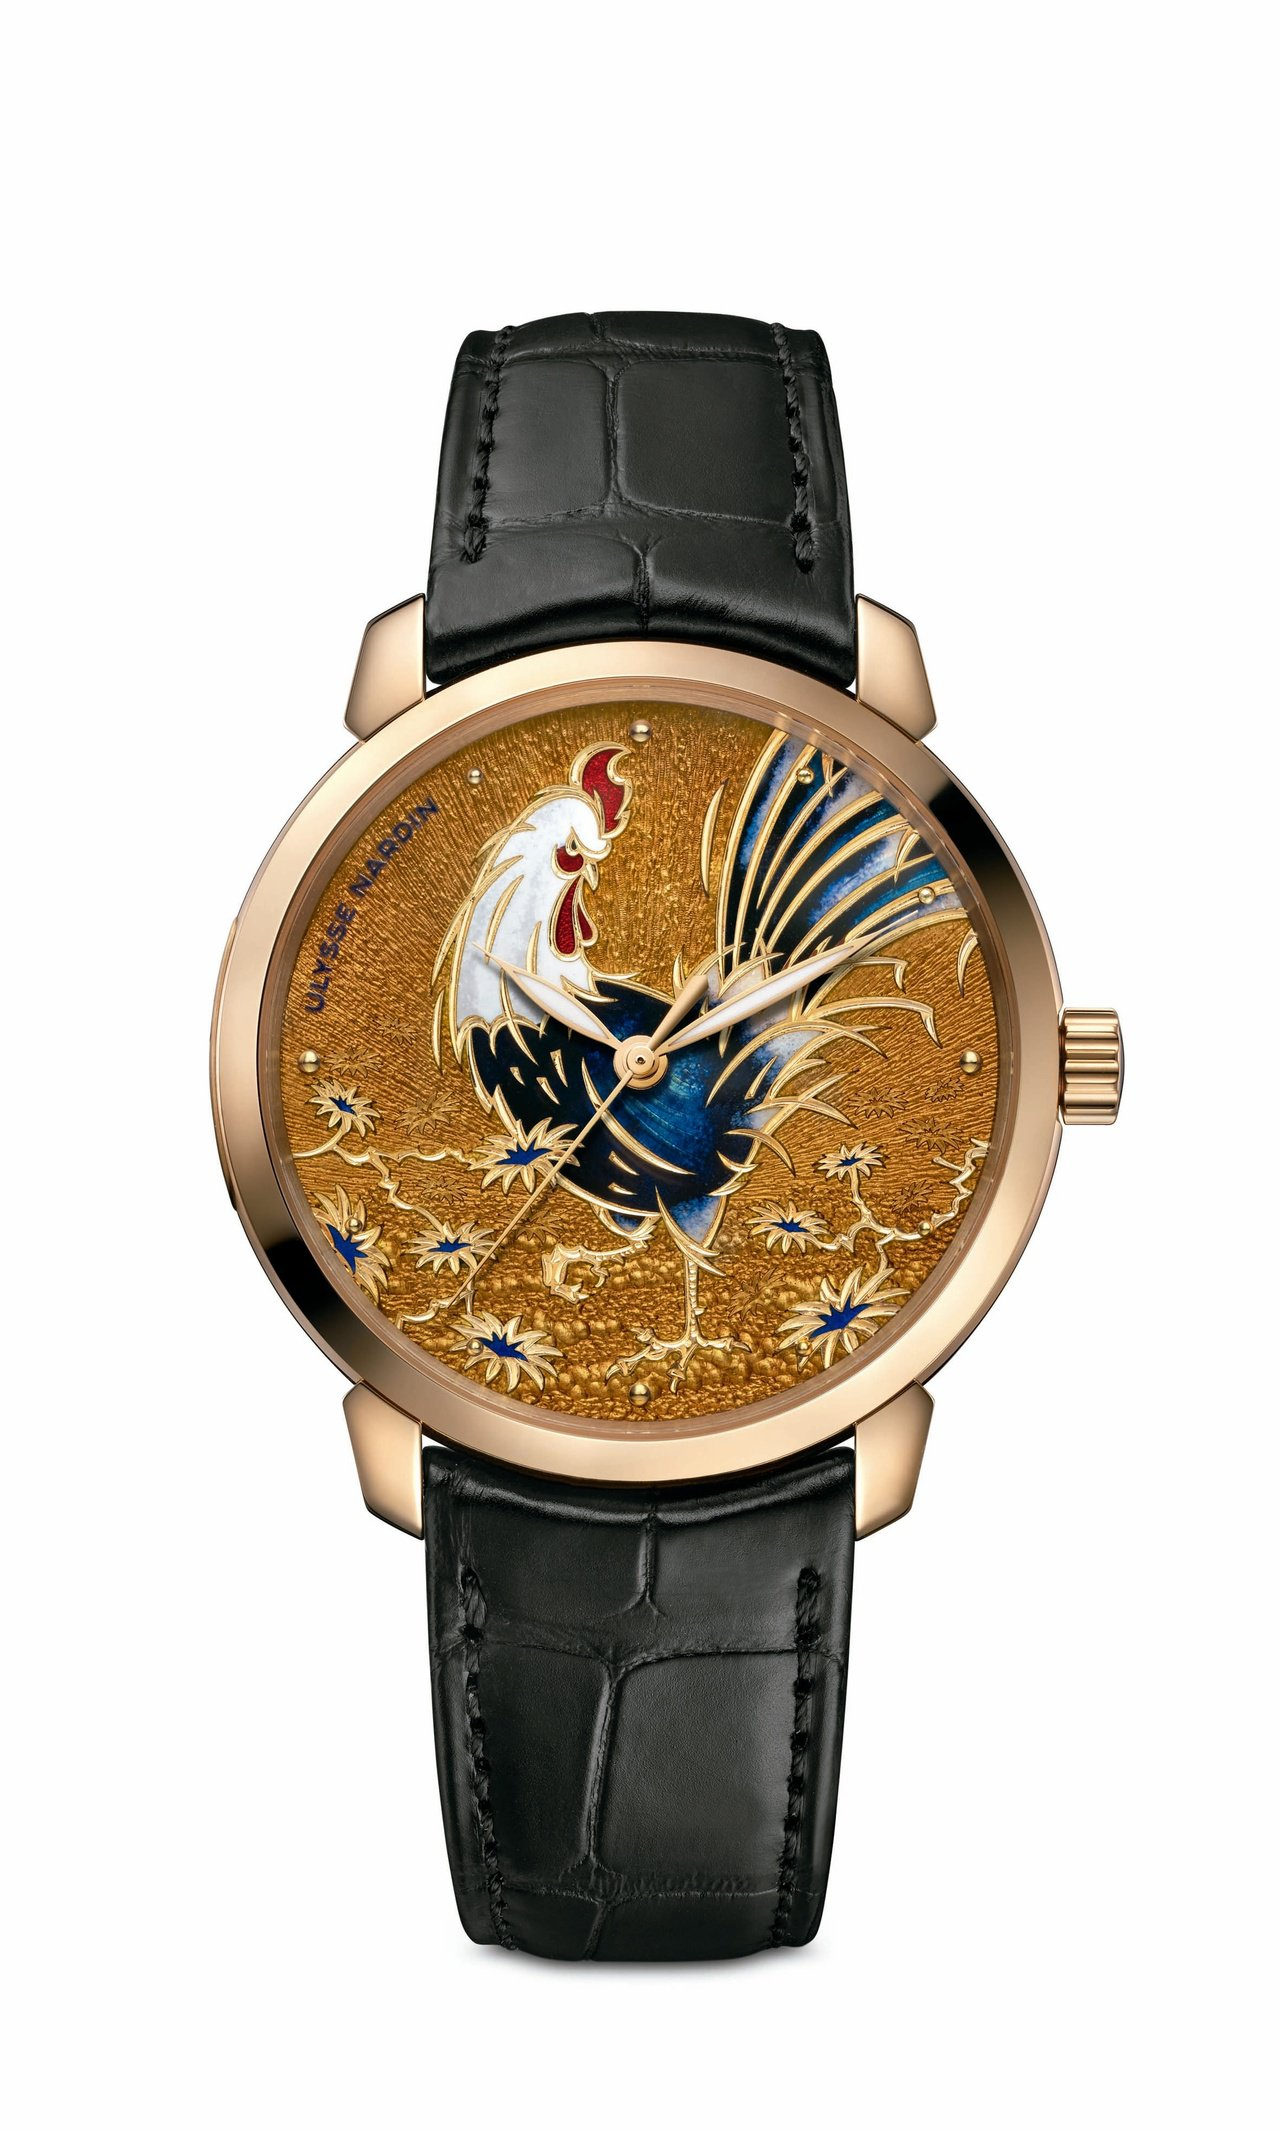 雅典Classico Rooster「金雞」鎏金內填琺瑯腕表,18K玫瑰金表殼,...